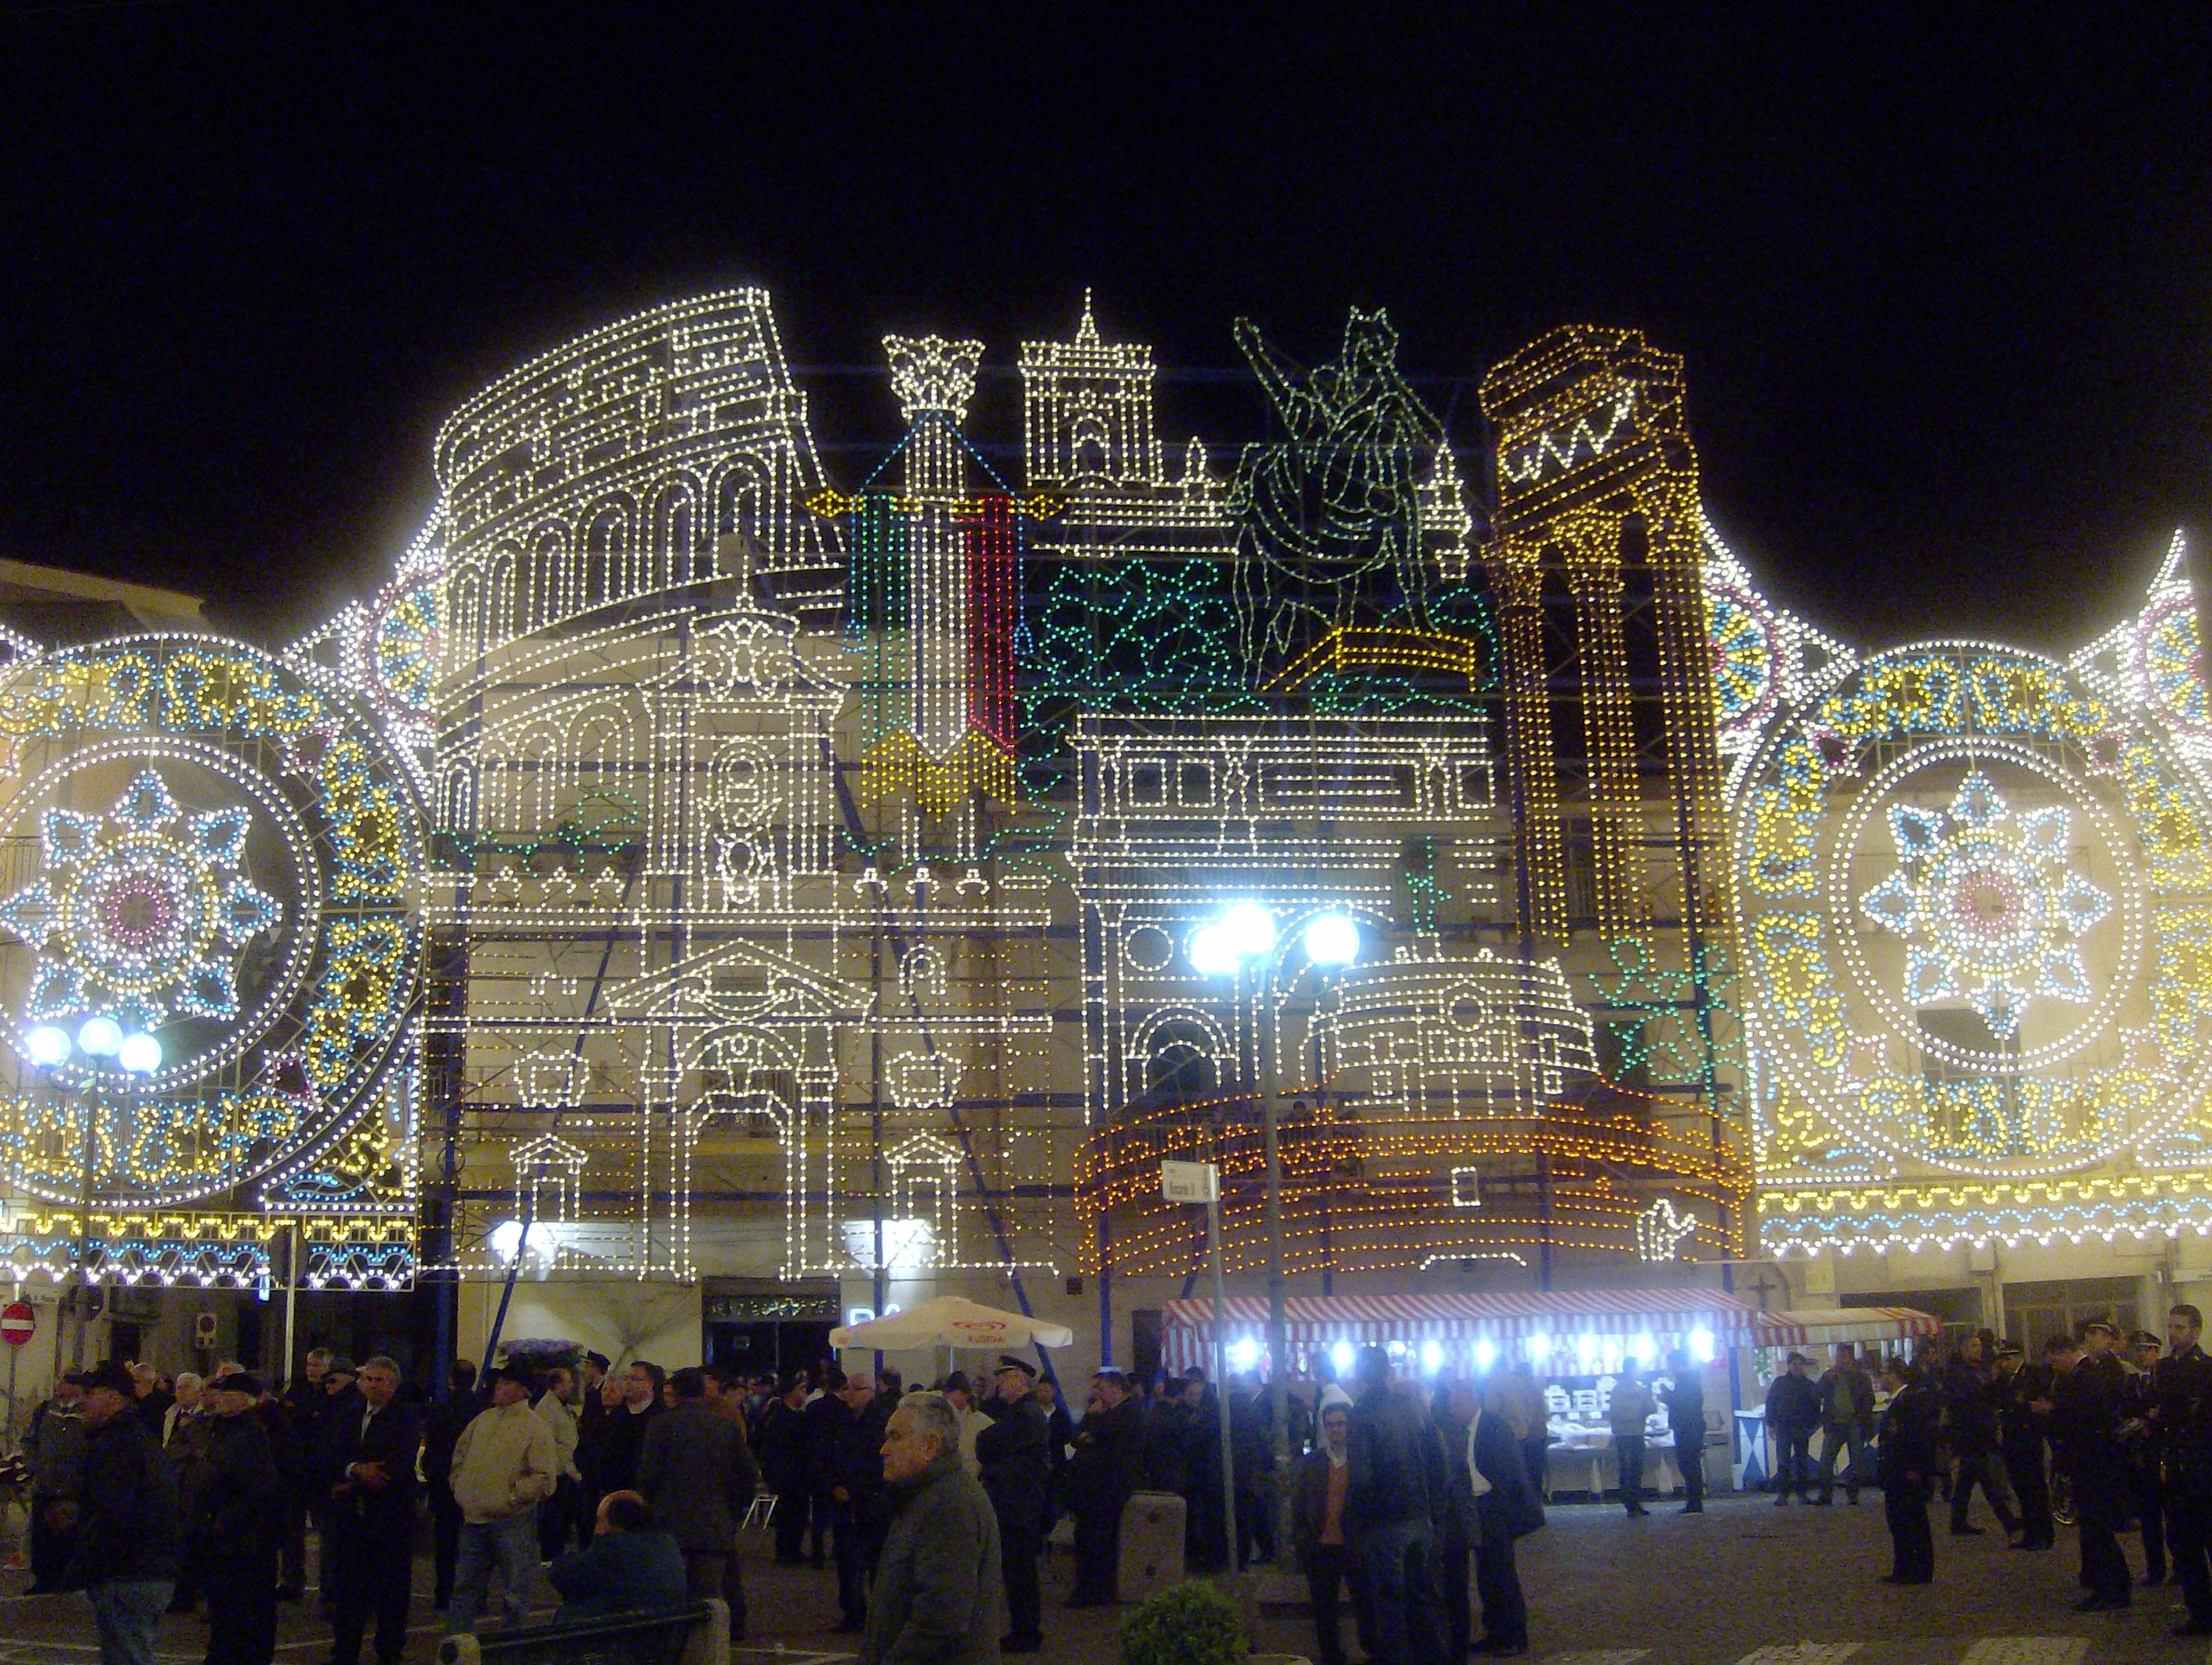 monumenti luminarie artistiche caserta